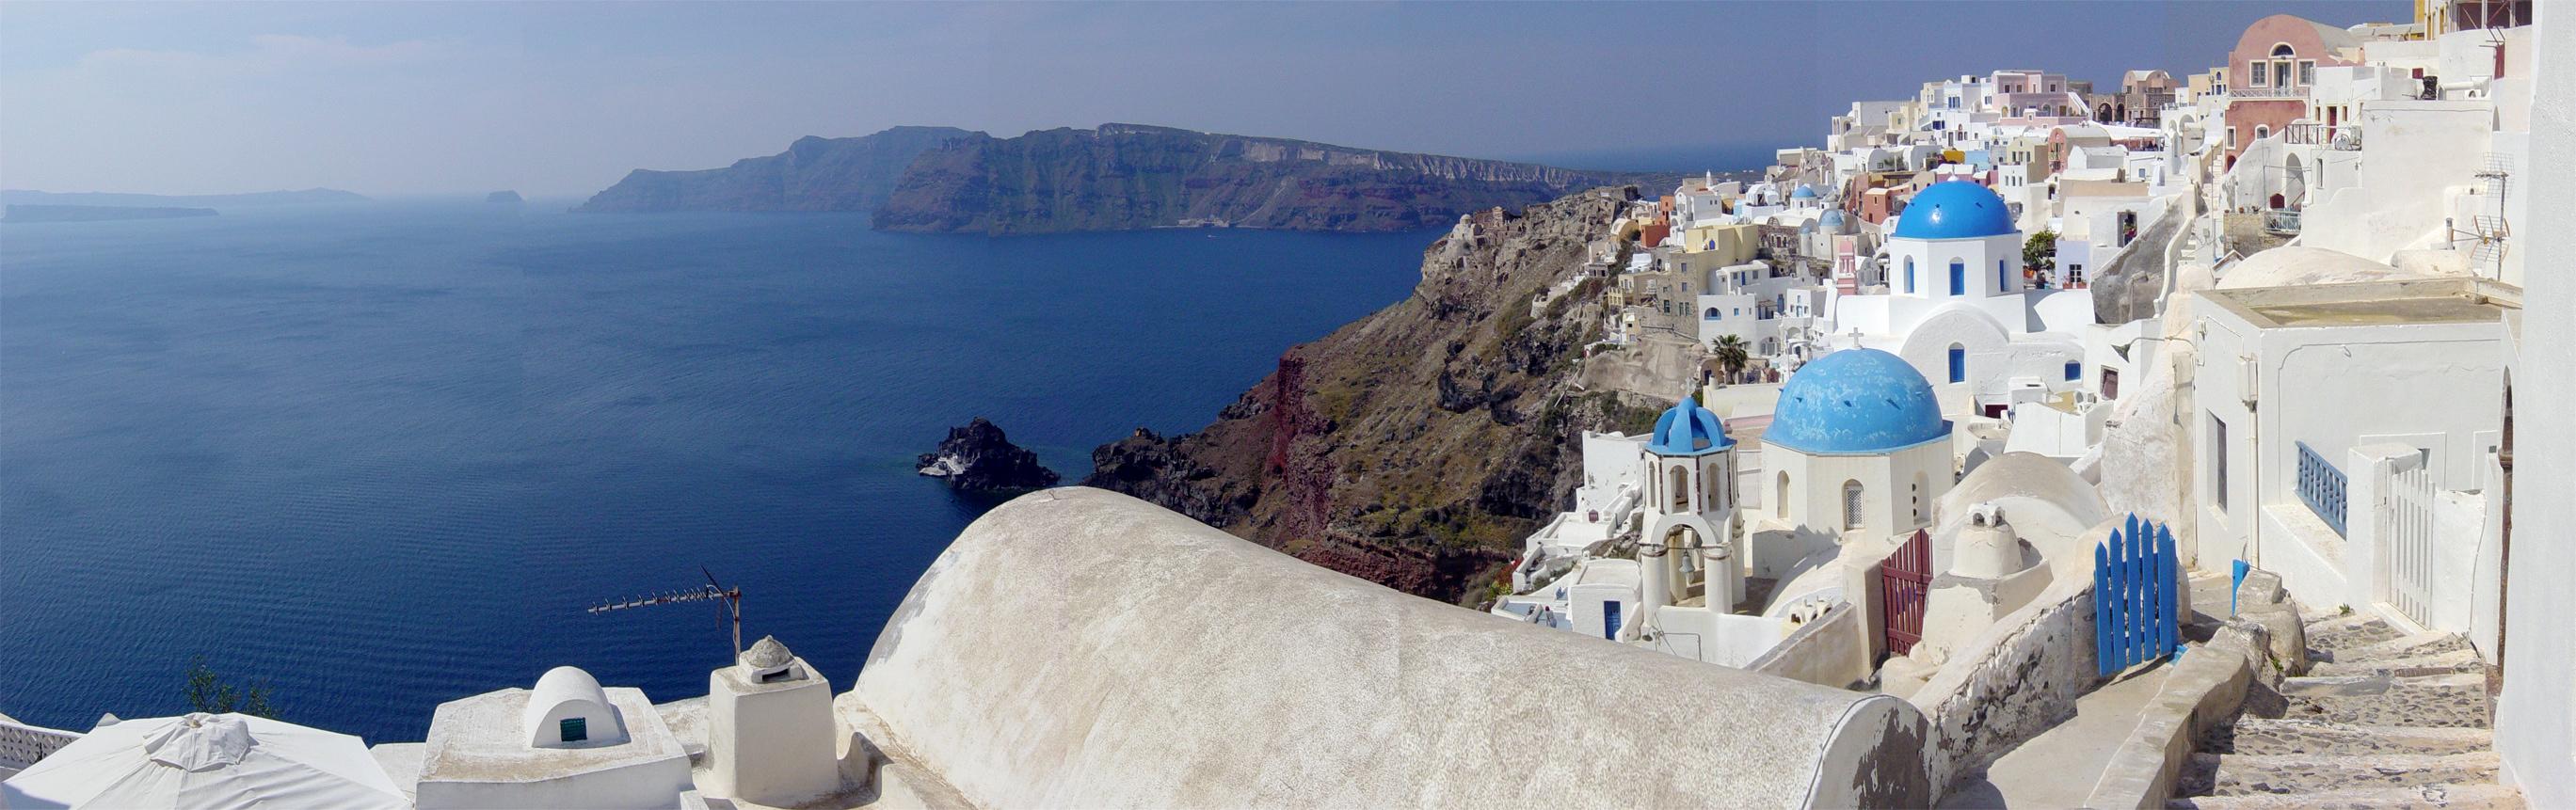 Crucero por las Islas Griegas en septiembre